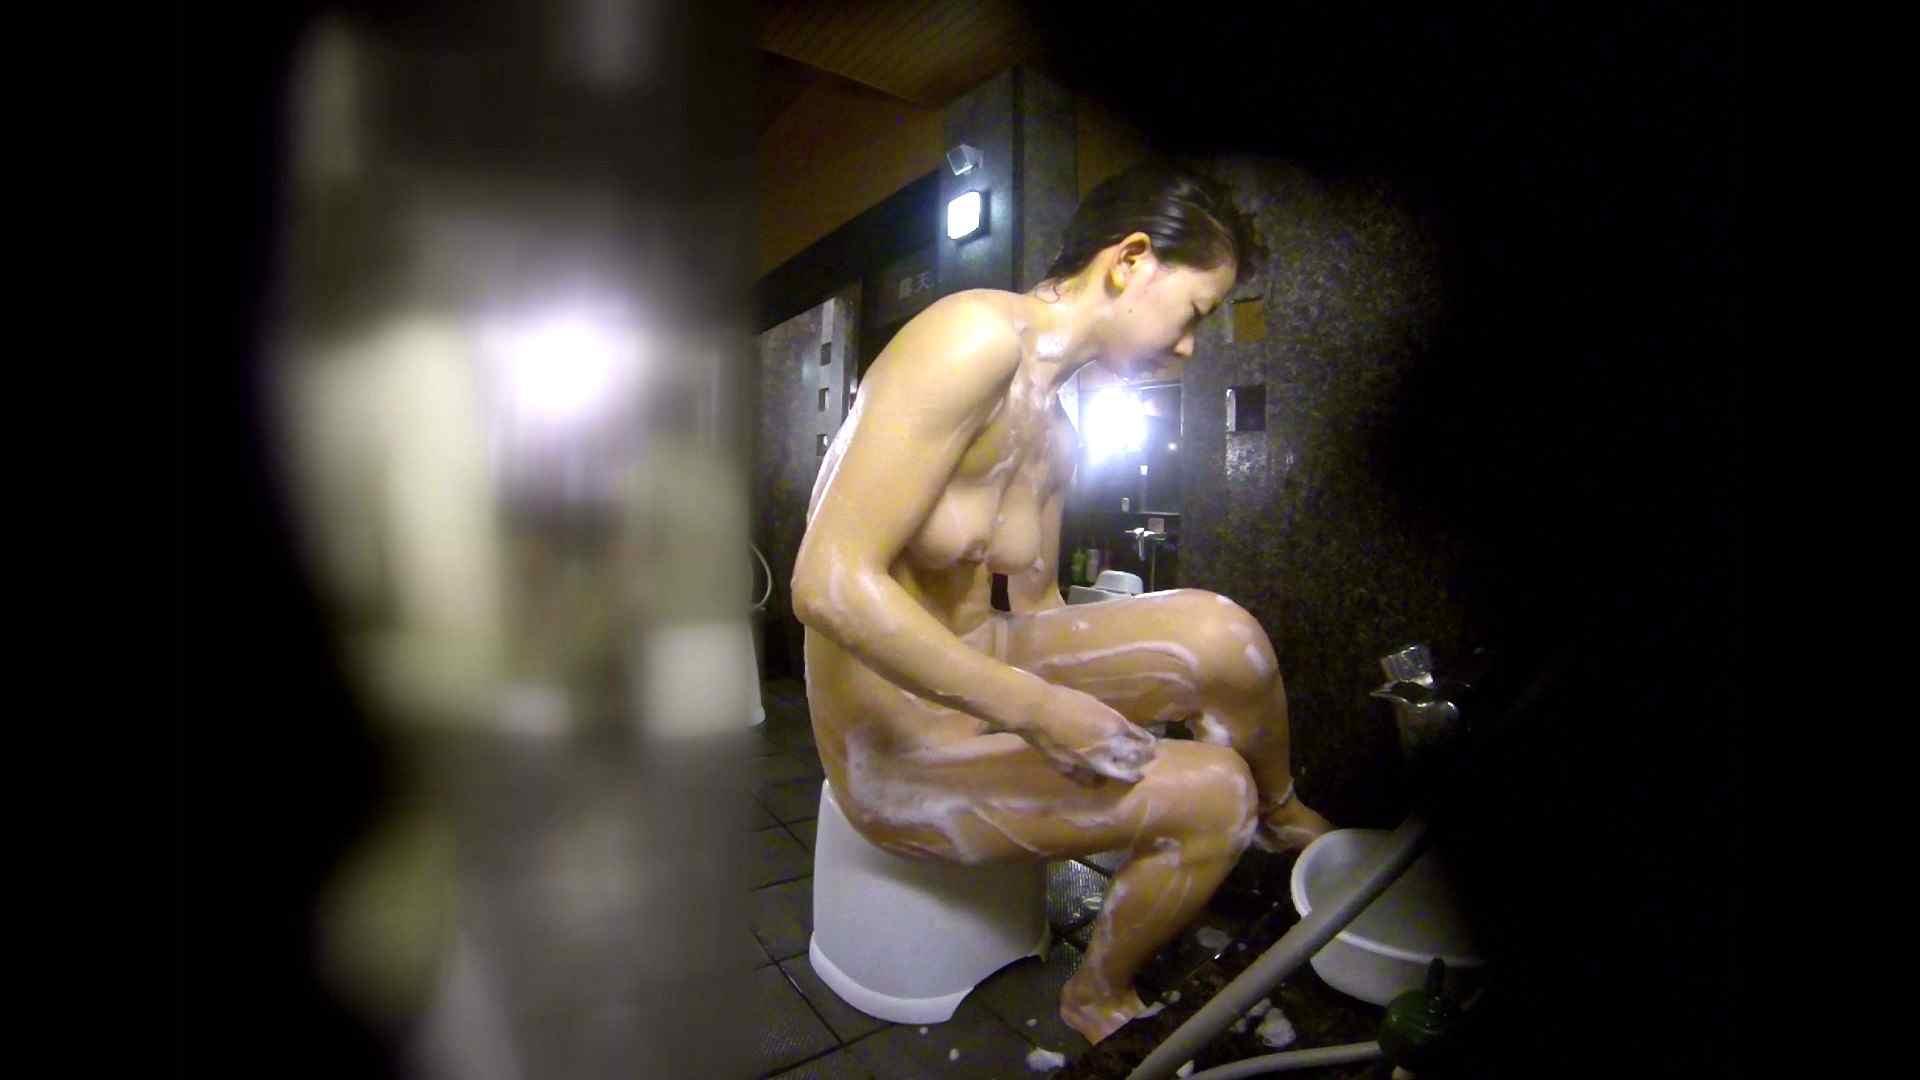 洗い場!綺麗なお女市さんは好きですか? 銭湯   潜入エロ調査  58連発 40